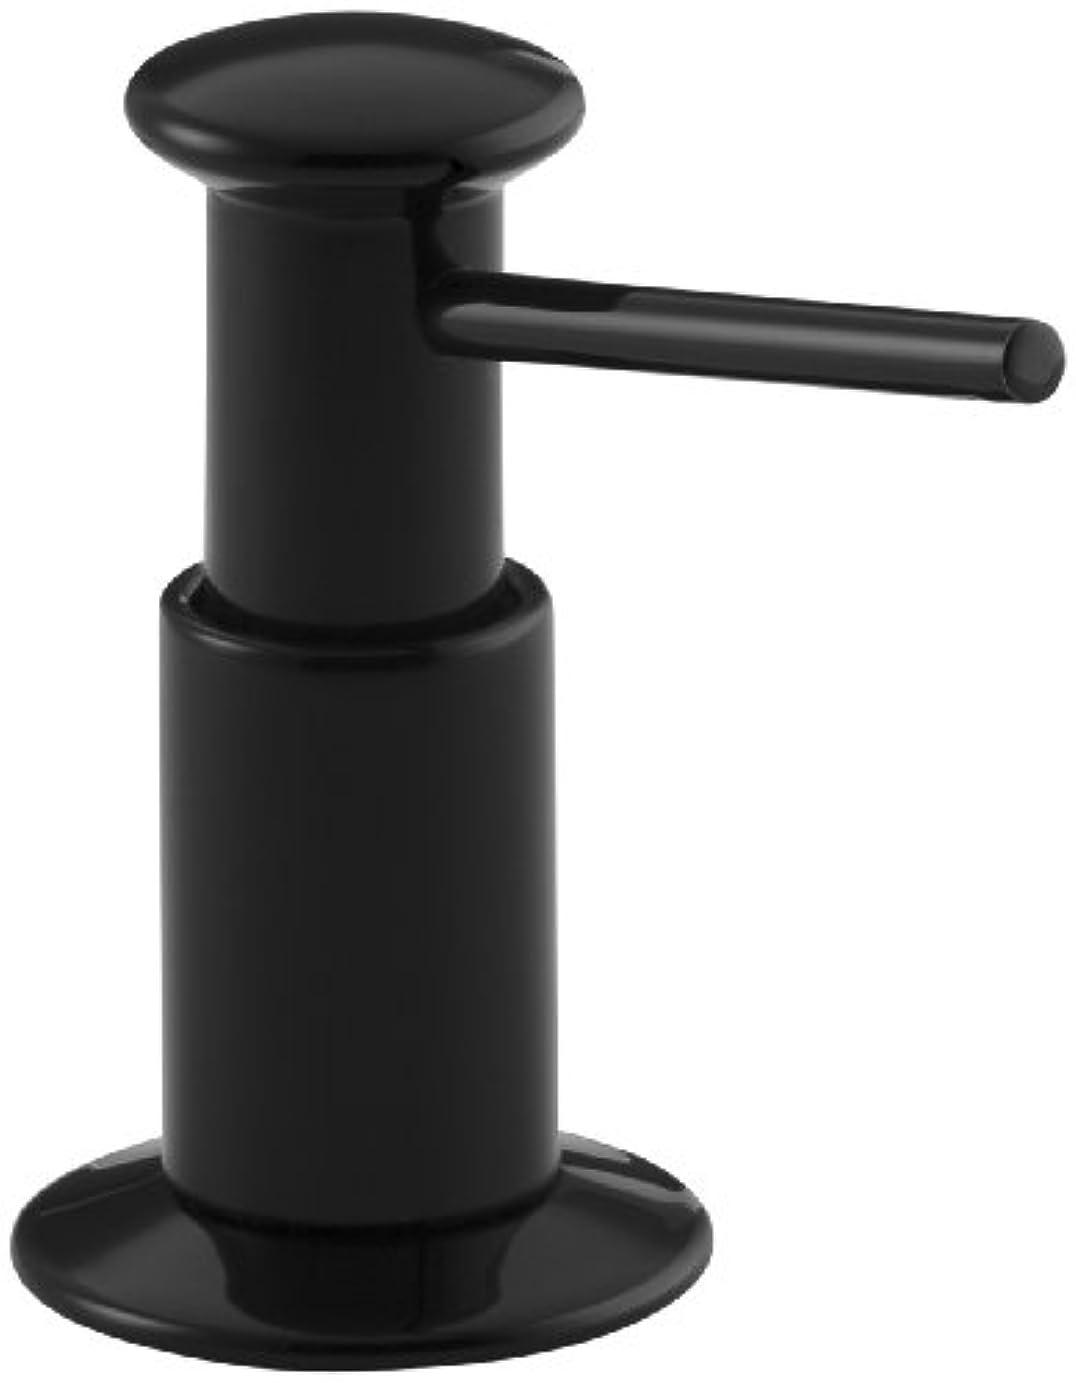 放射する乗り出す厚いKohler石鹸/ローションディスペンサー K-9619-7 1